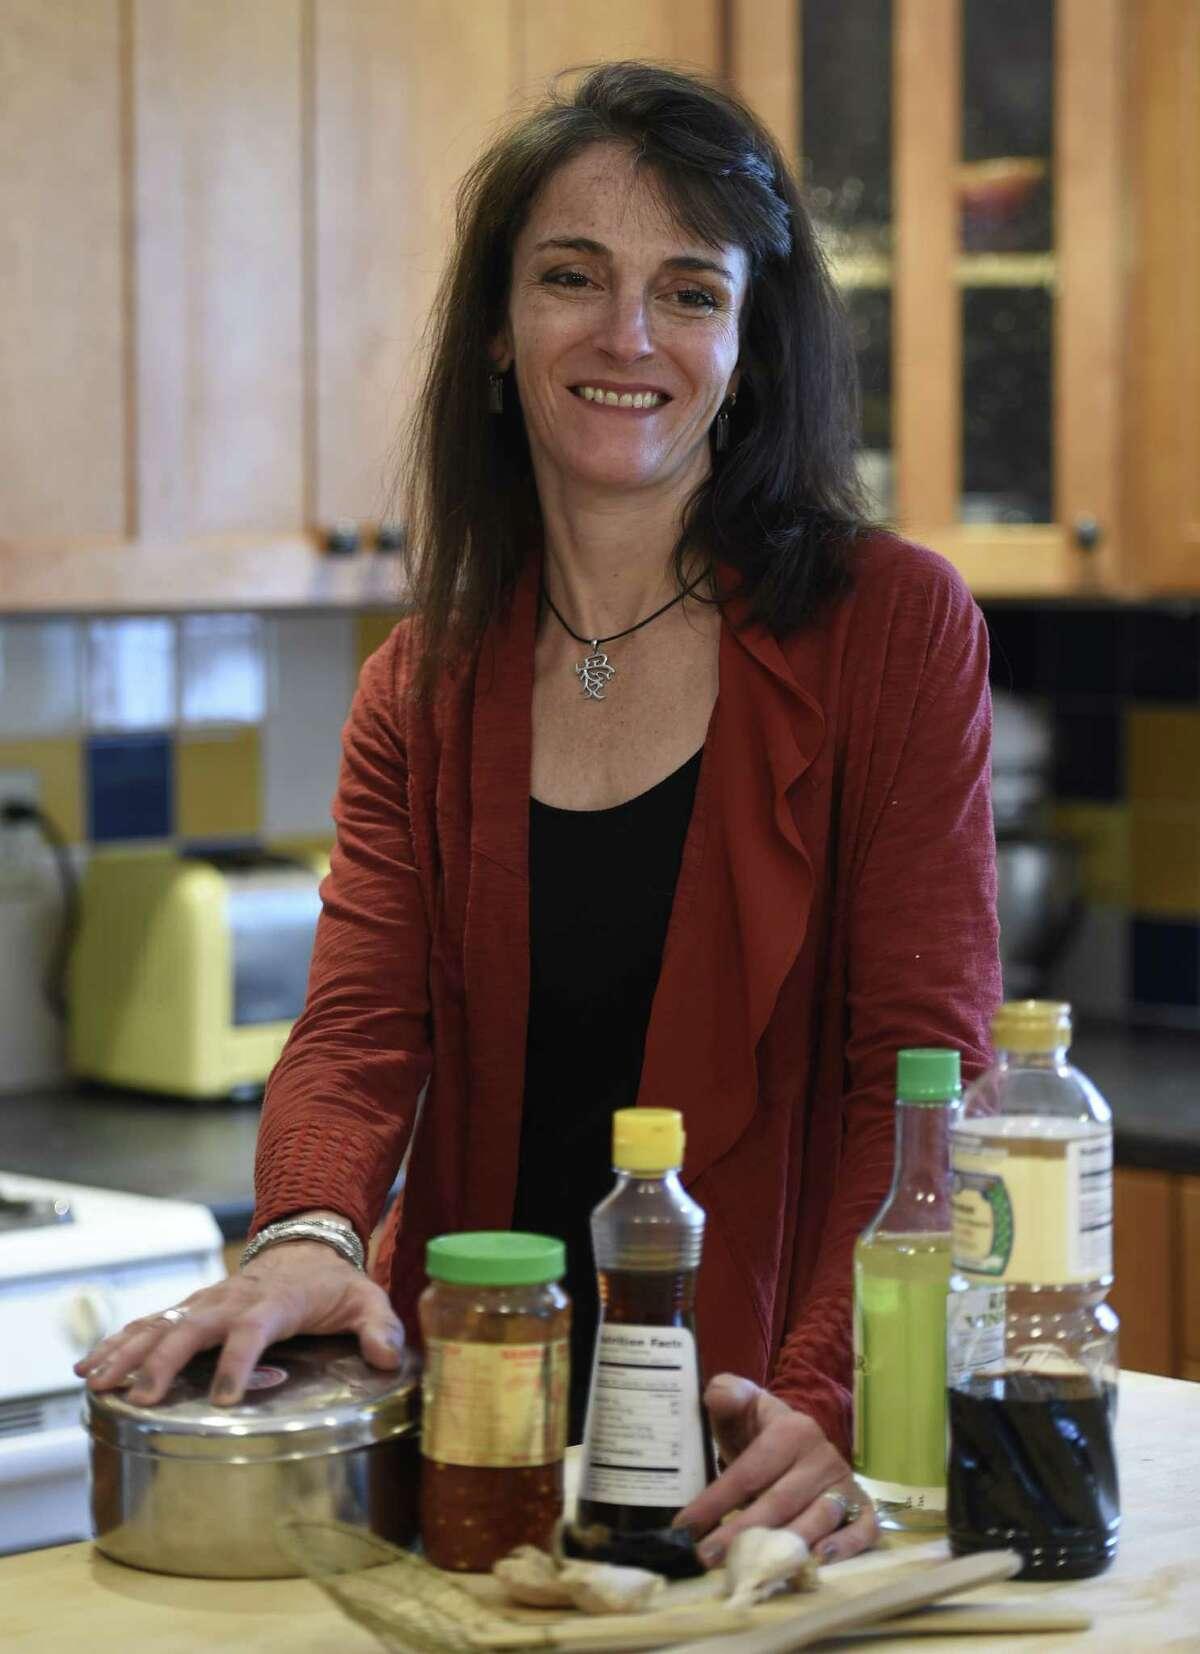 Caroline Barrett works in her kitchen Monday, Feb. 2, 2015, in Delmar, N.Y. (Skip Dickstein/Times Union) ORG XMIT: MER2015020214591994